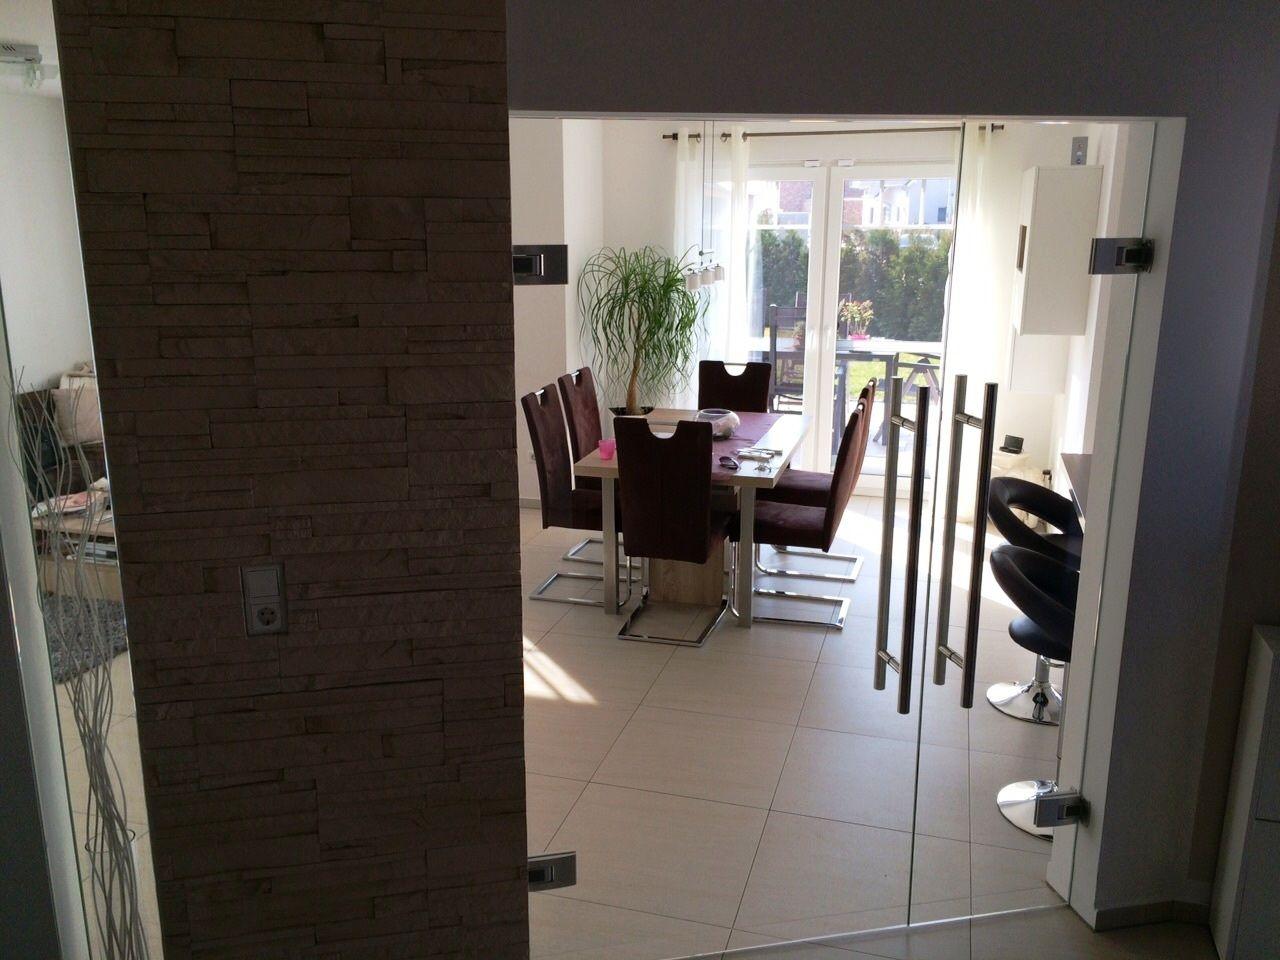 Wohnzimmer Glastür ~ 14 besten türen bilder auf pinterest innenarchitektur diele und